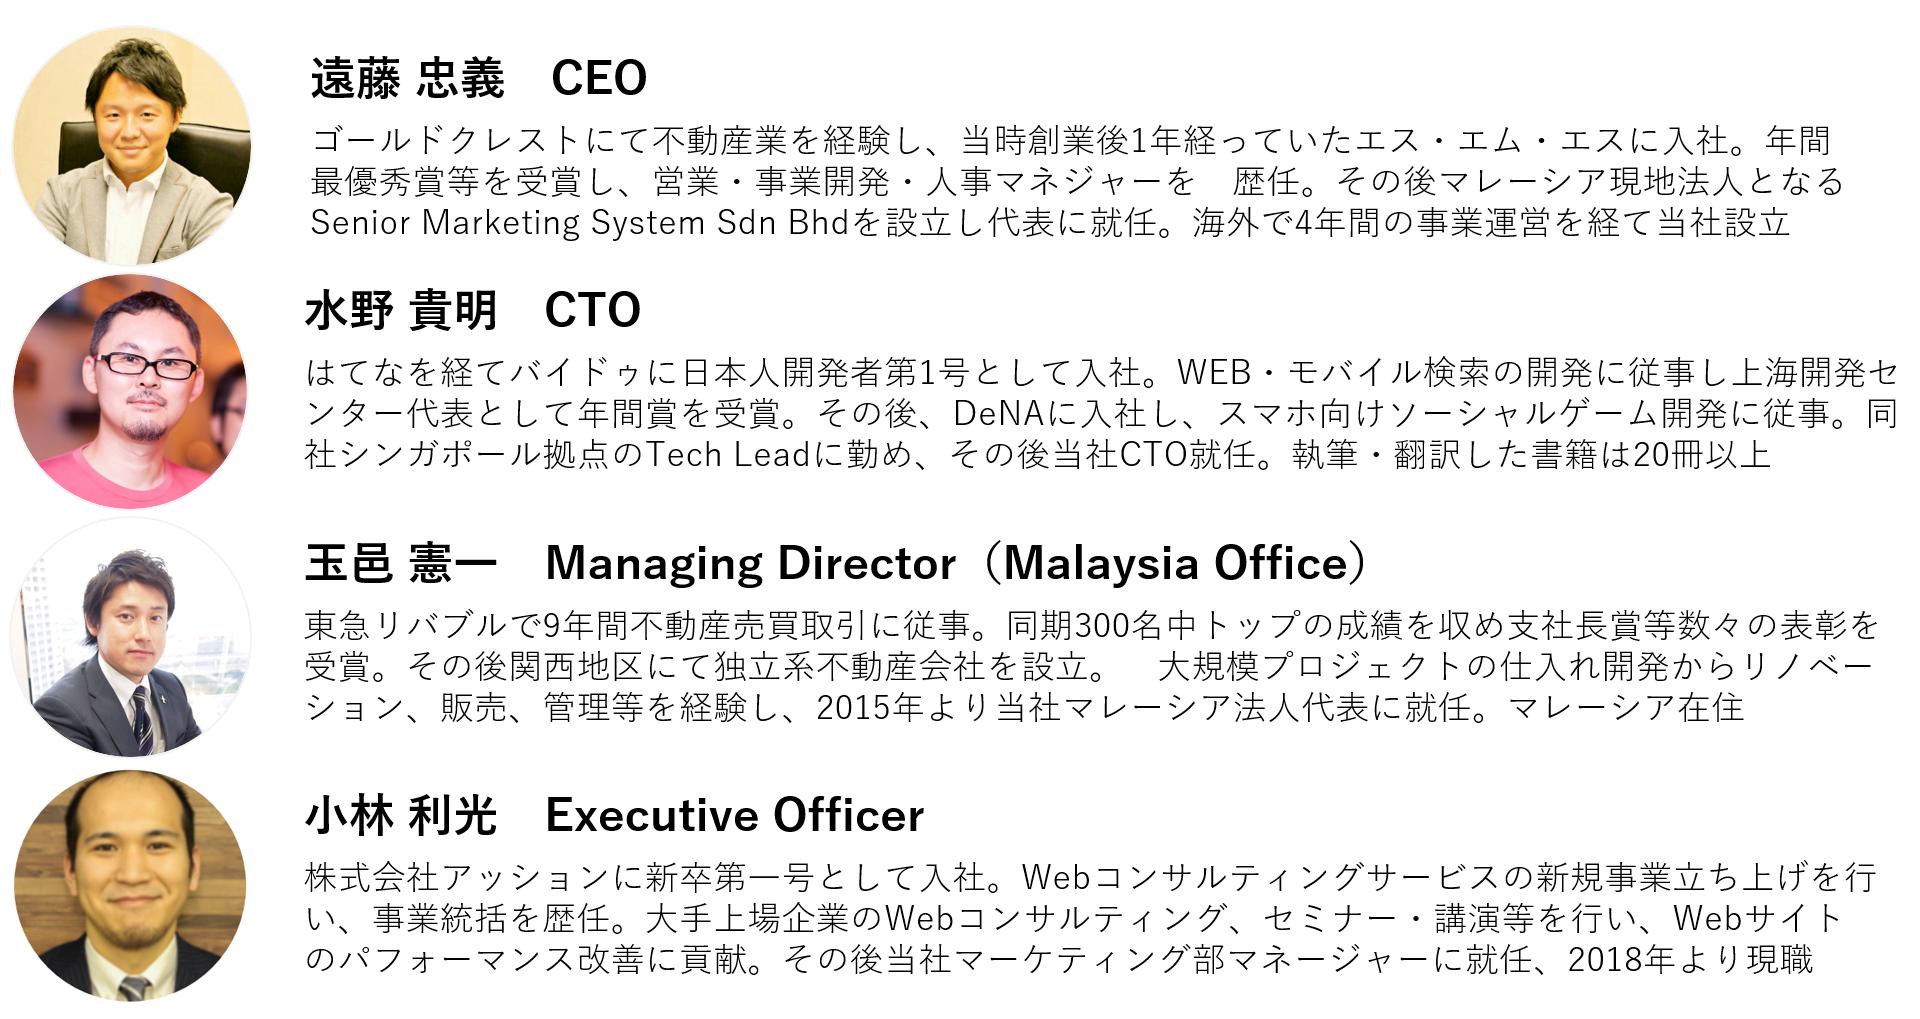 ビヨンドボーダーズの経営陣:遠藤 忠義 CEO、ゴールドクレストにて不動産業を経験し、当時創業後1年経っていたエス・エム・エスに入社。年間 最優秀賞等を受賞し、営業・事業開発・人事マネジャーを 歴任。その後マレーシア現地法人となるSenior Marketing System Sdn Bhdを設立し代表に就任。海外で4年間の事業運営を経て当社設立;水野 貴明 CTO、はてなを経てバイドゥに日本人開発者第1号として入社。WEB・モバイル検索の開発に従事し上海開発センター代表として年間賞を受賞。その後、DeNAに入社し、スマホ向けソーシャルゲーム開発に従事。同社シンガポール拠点のTech Leadに勤め、その後当社CTO就任。執筆・翻訳した書籍は20冊以上;玉邑 憲一 Managing Director(Malaysia Office)、東急リバブルで9年間不動産売買取引に従事。同期300名中トップの成績を収め支社長賞等数々の表彰を受賞。その後関西地区にて独立系不動産会社を設立。 大規模プロジェクトの仕入れ開発からリノベーション、販売、管理等を経験し、2015年より当社マレーシア法人代表に就任。マレーシア在住;小林 利光 Executive Officer、株式会社アッションに新卒第一号として入社。Webコンサルティングサービスの新規事業立ち上げを行い、事業統括を歴任。大手上場企業のWebコンサルティング、セミナー・講演等を行い、Webサイトのパフォーマンス改善に貢献。その後当社マーケティング部マネージャーに就任、2018年より現職